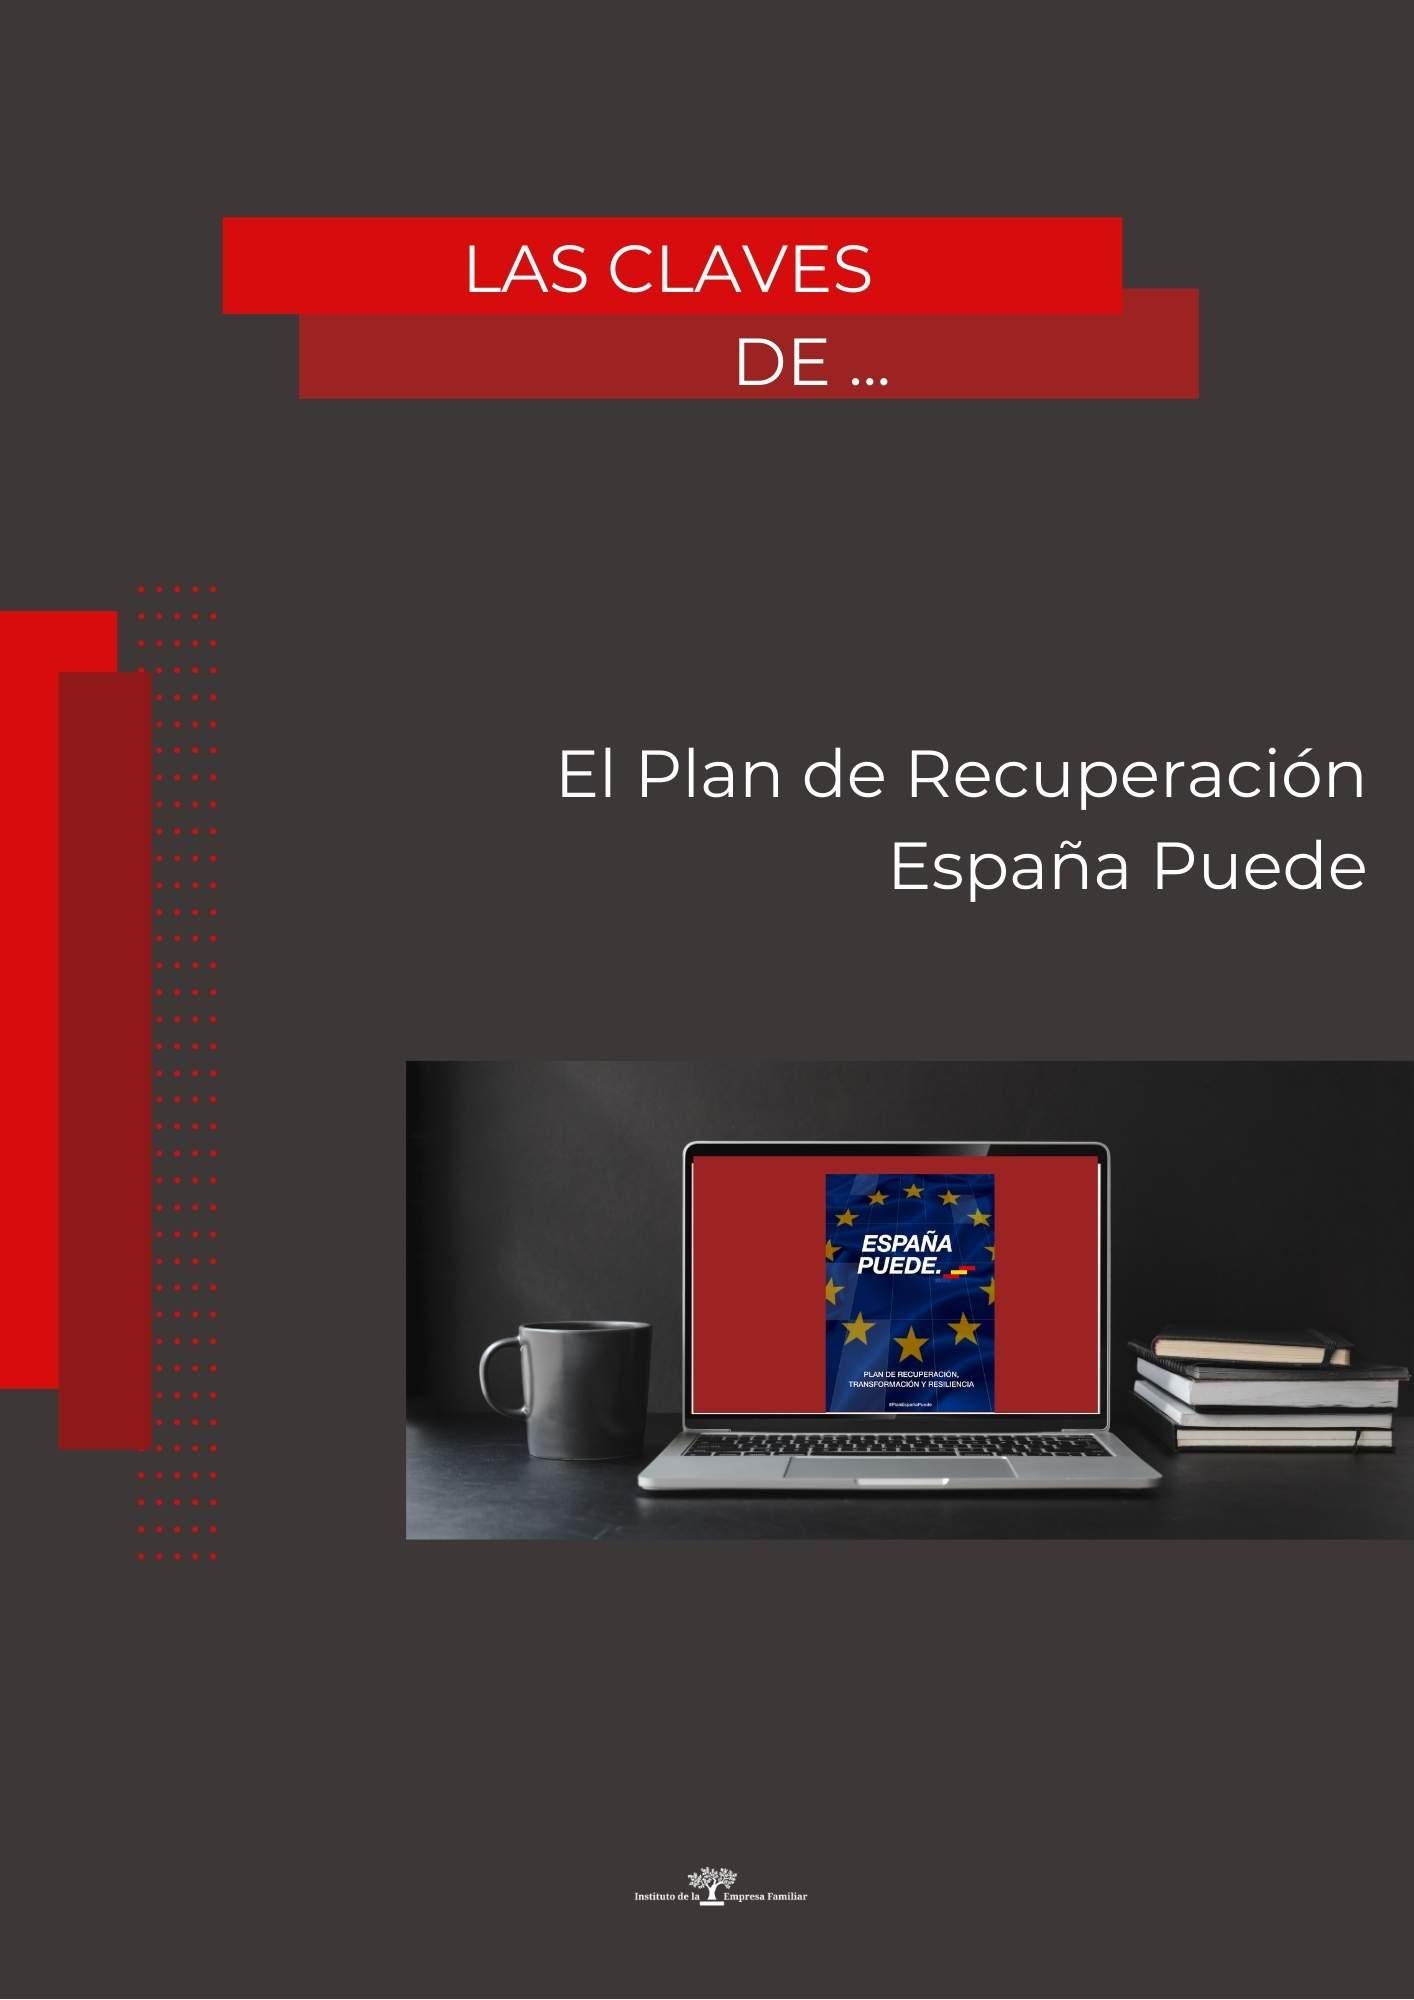 Las claves del Plan de Recuperación: España Puede